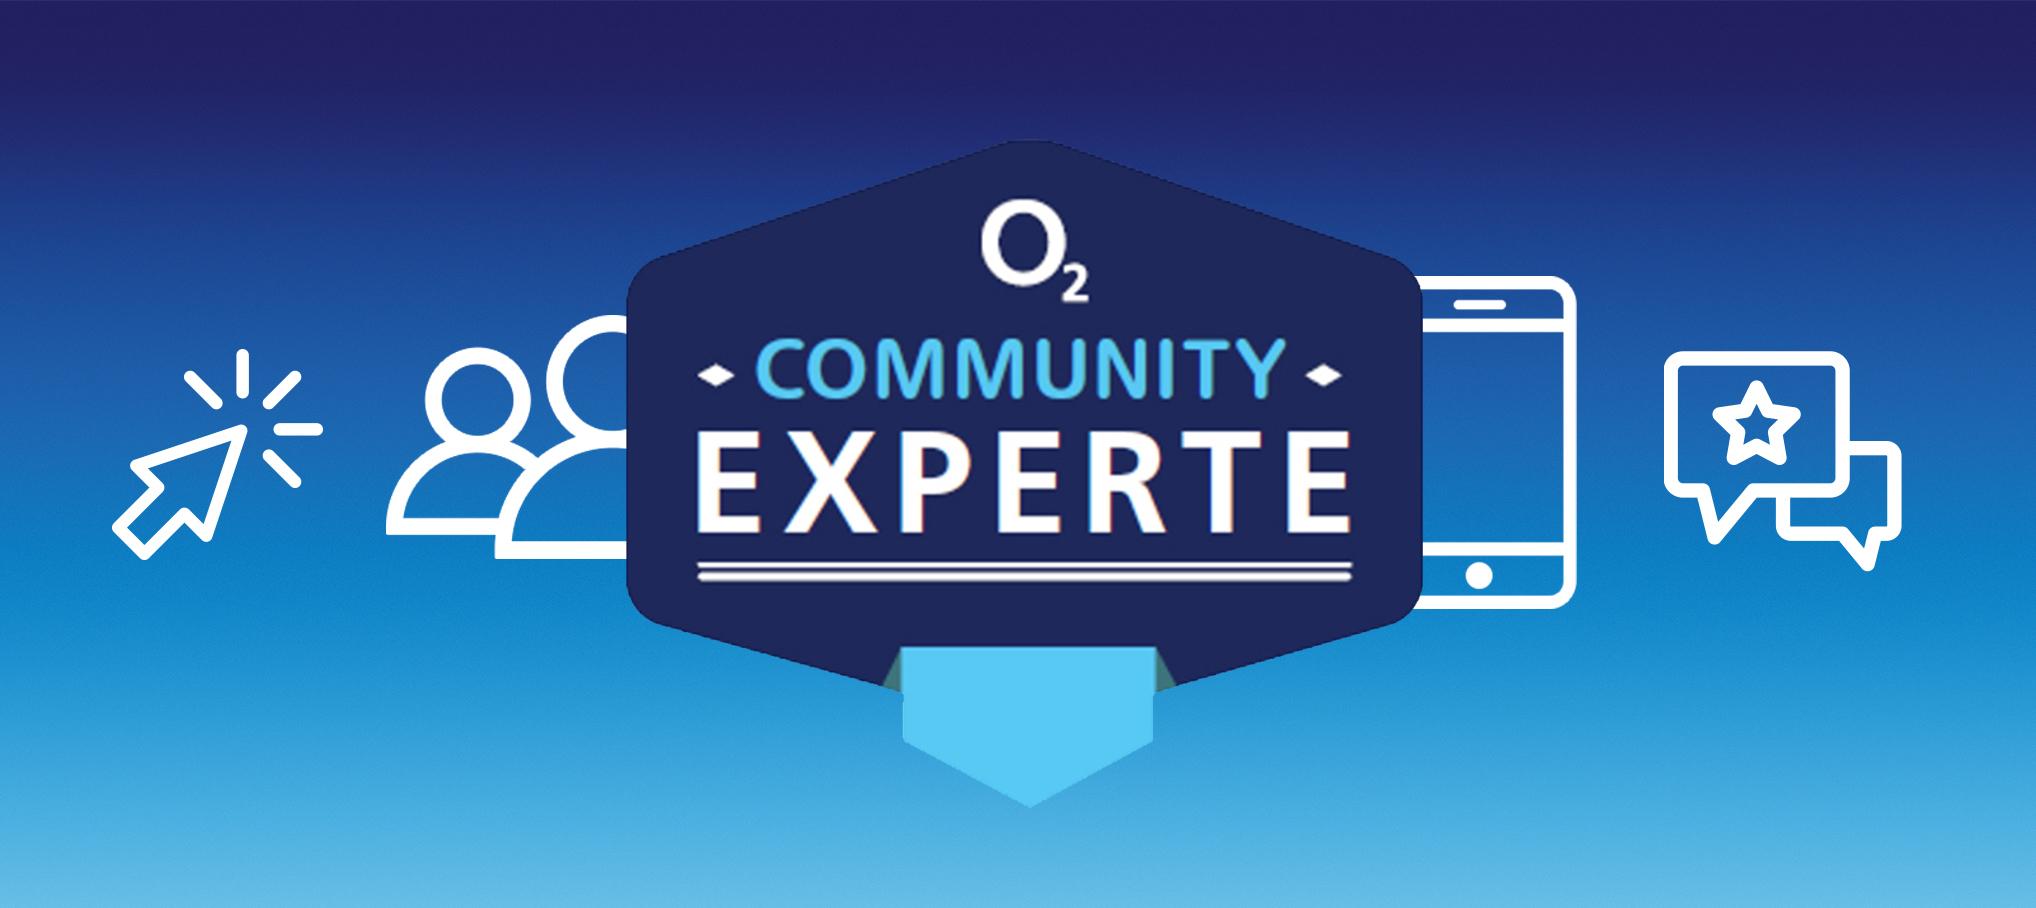 Treffpunkt Internet: Das III. Virtuelle Expertentreffen der o2 Community Experten am 08.05.2021